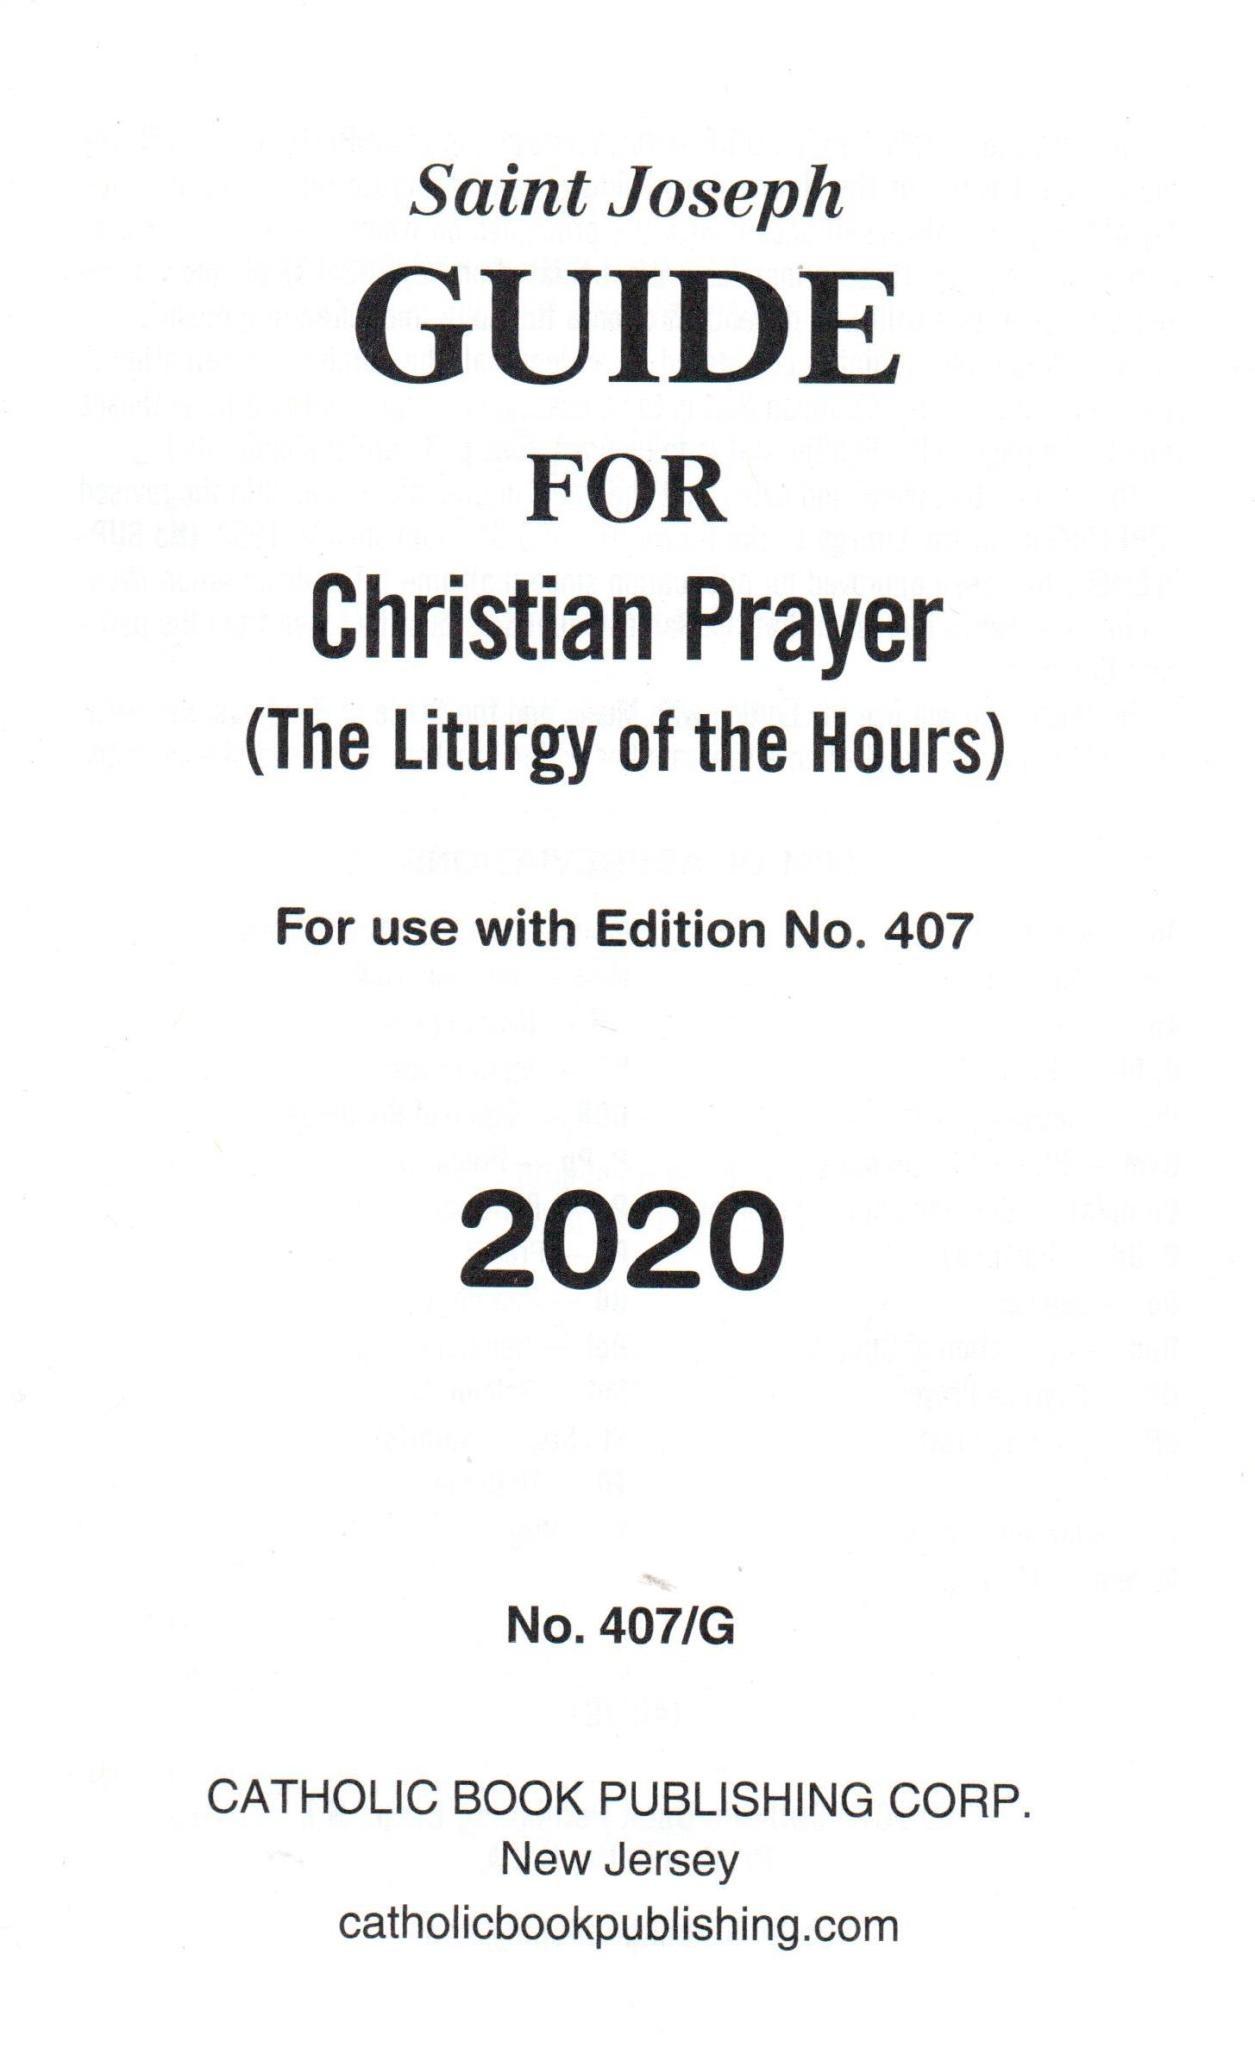 Saint Joseph Guide for Christian Prayer - 2020